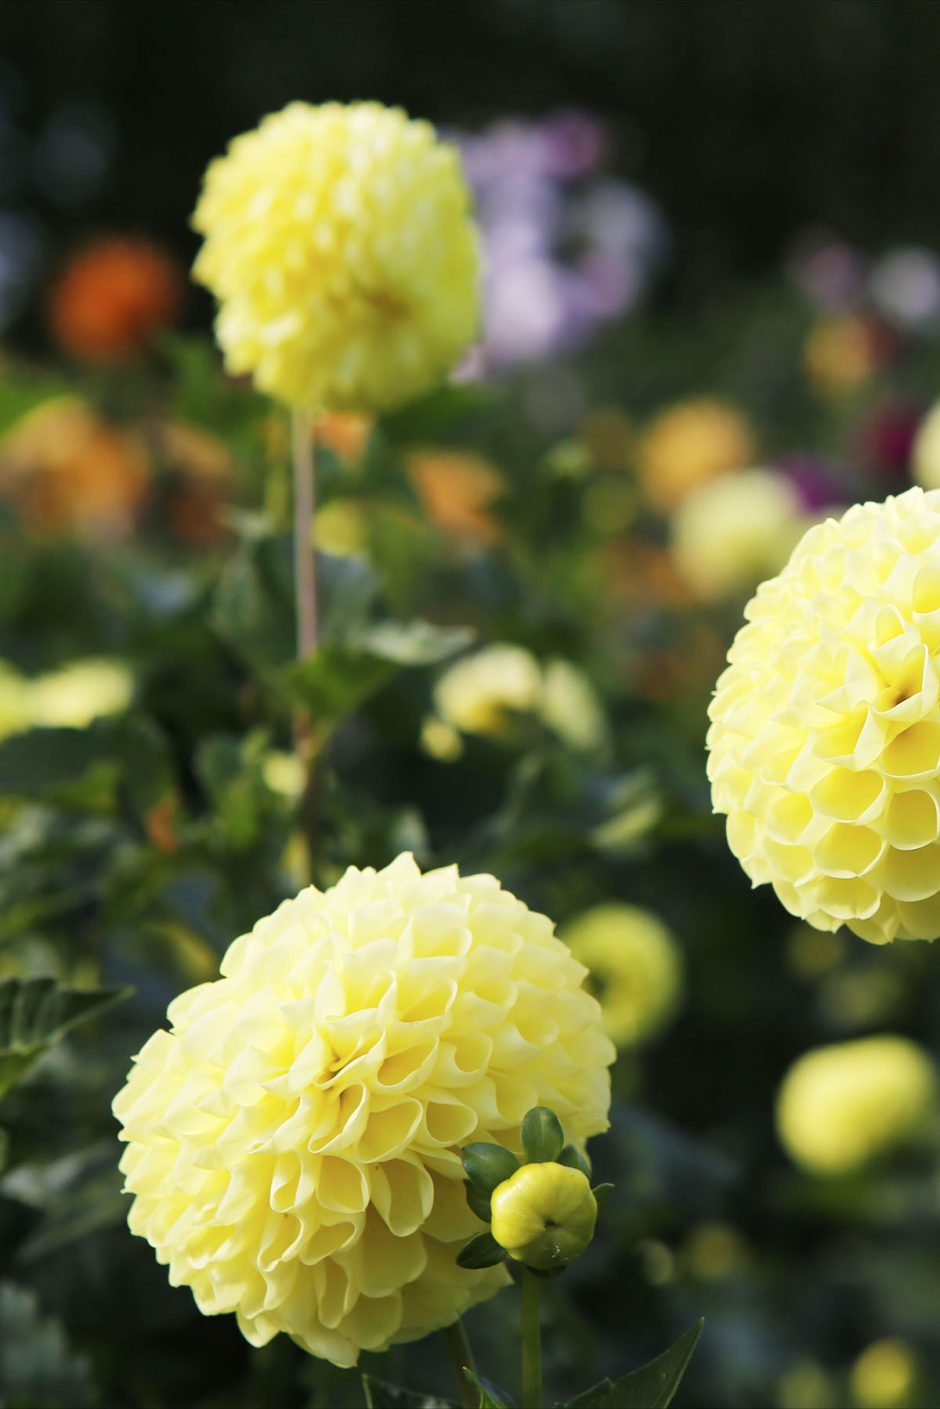 gula-blommor